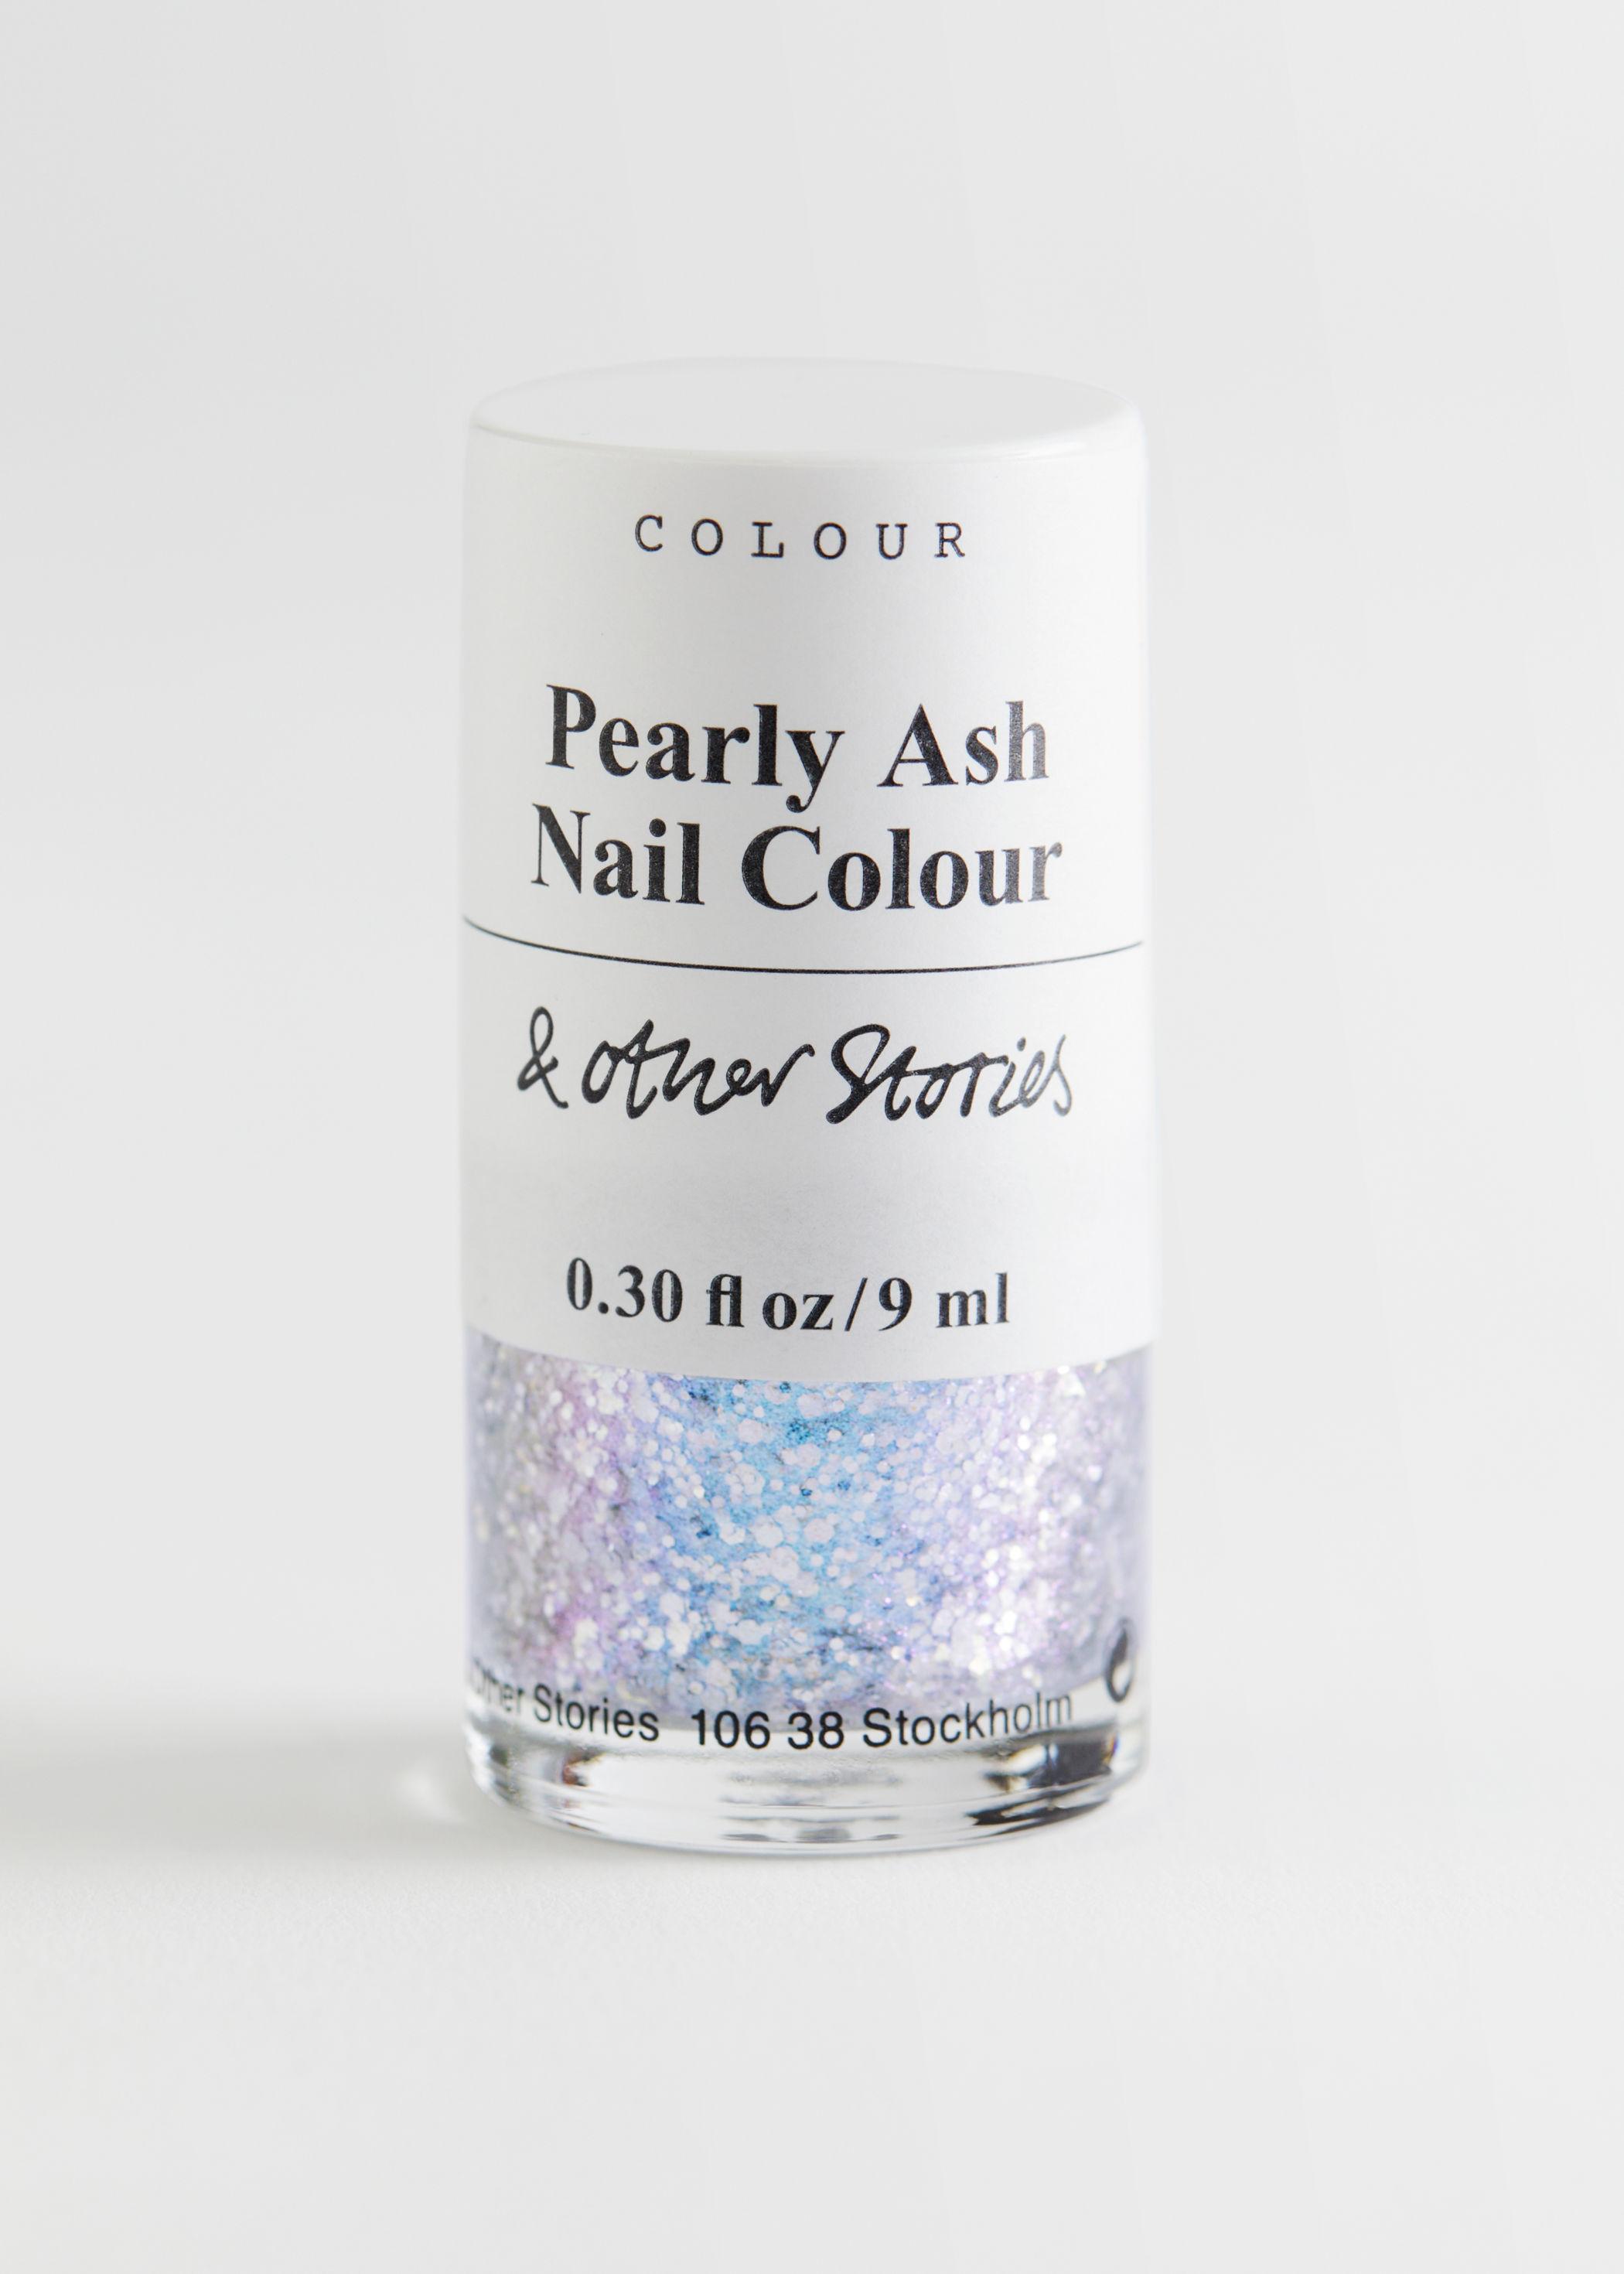 앤 아더 스토리즈 '펄리 애쉬' 네일 폴리시 매니큐어 (9ml) & OTHER STORIES Nail Polish,Pearly Ash